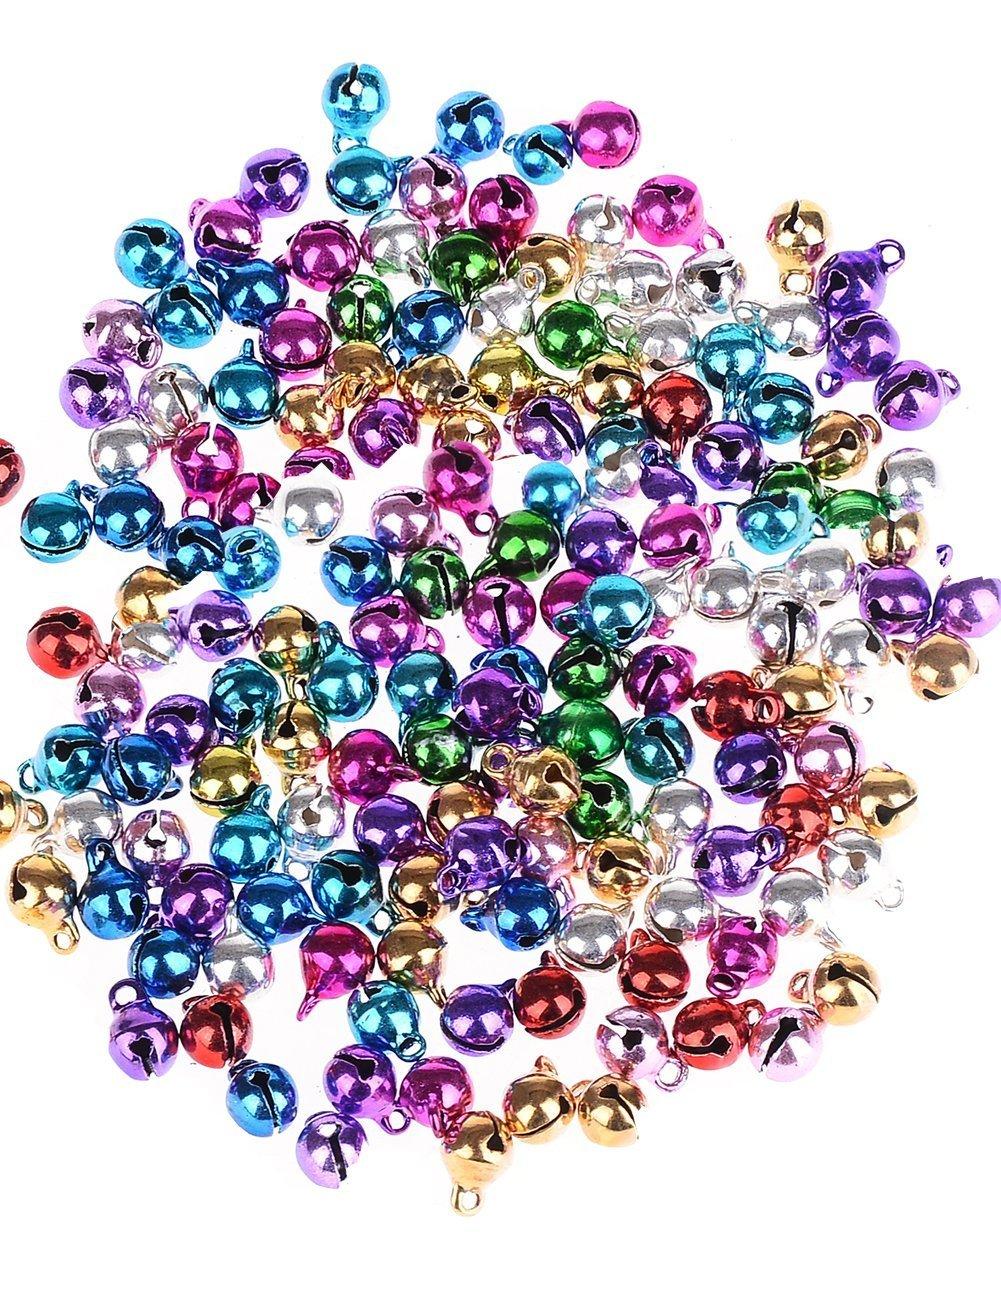 Doyeemei multicolore Jingle Bell/Small Bell/Mini Bell/Tinkle campana per decorazioni di Natale, 100pcs